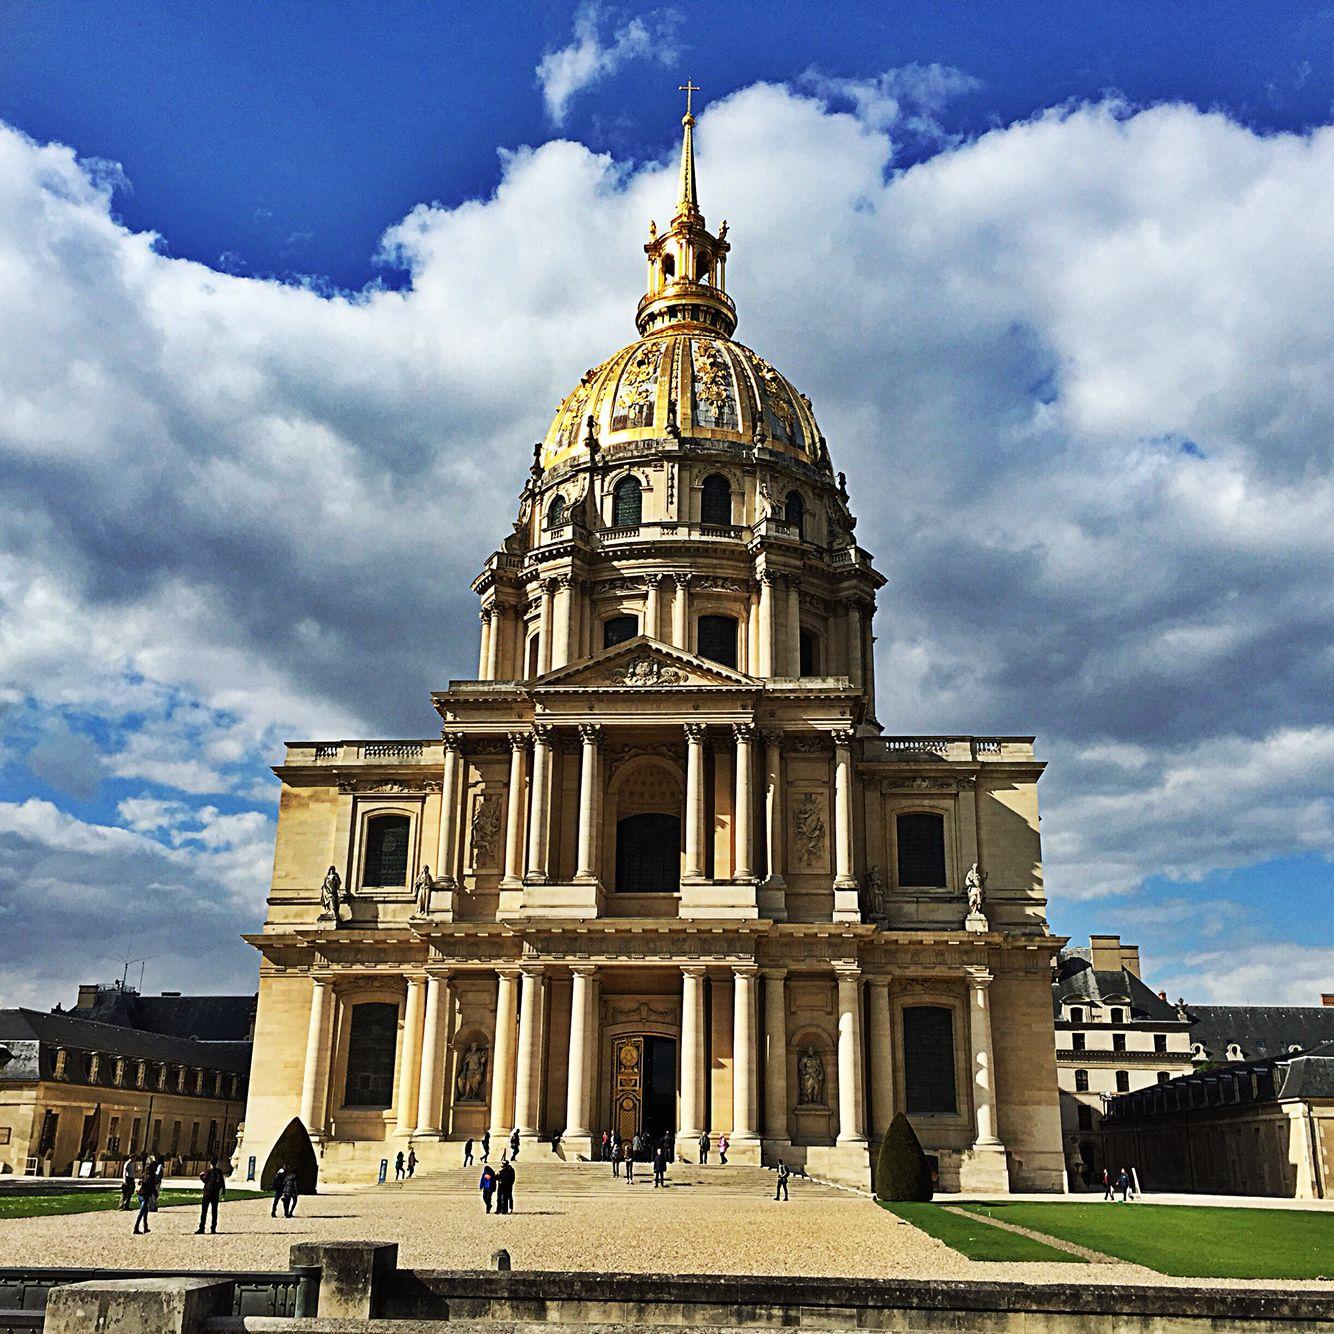 Hotel des Invalides, graf van Napoleon, Parijs